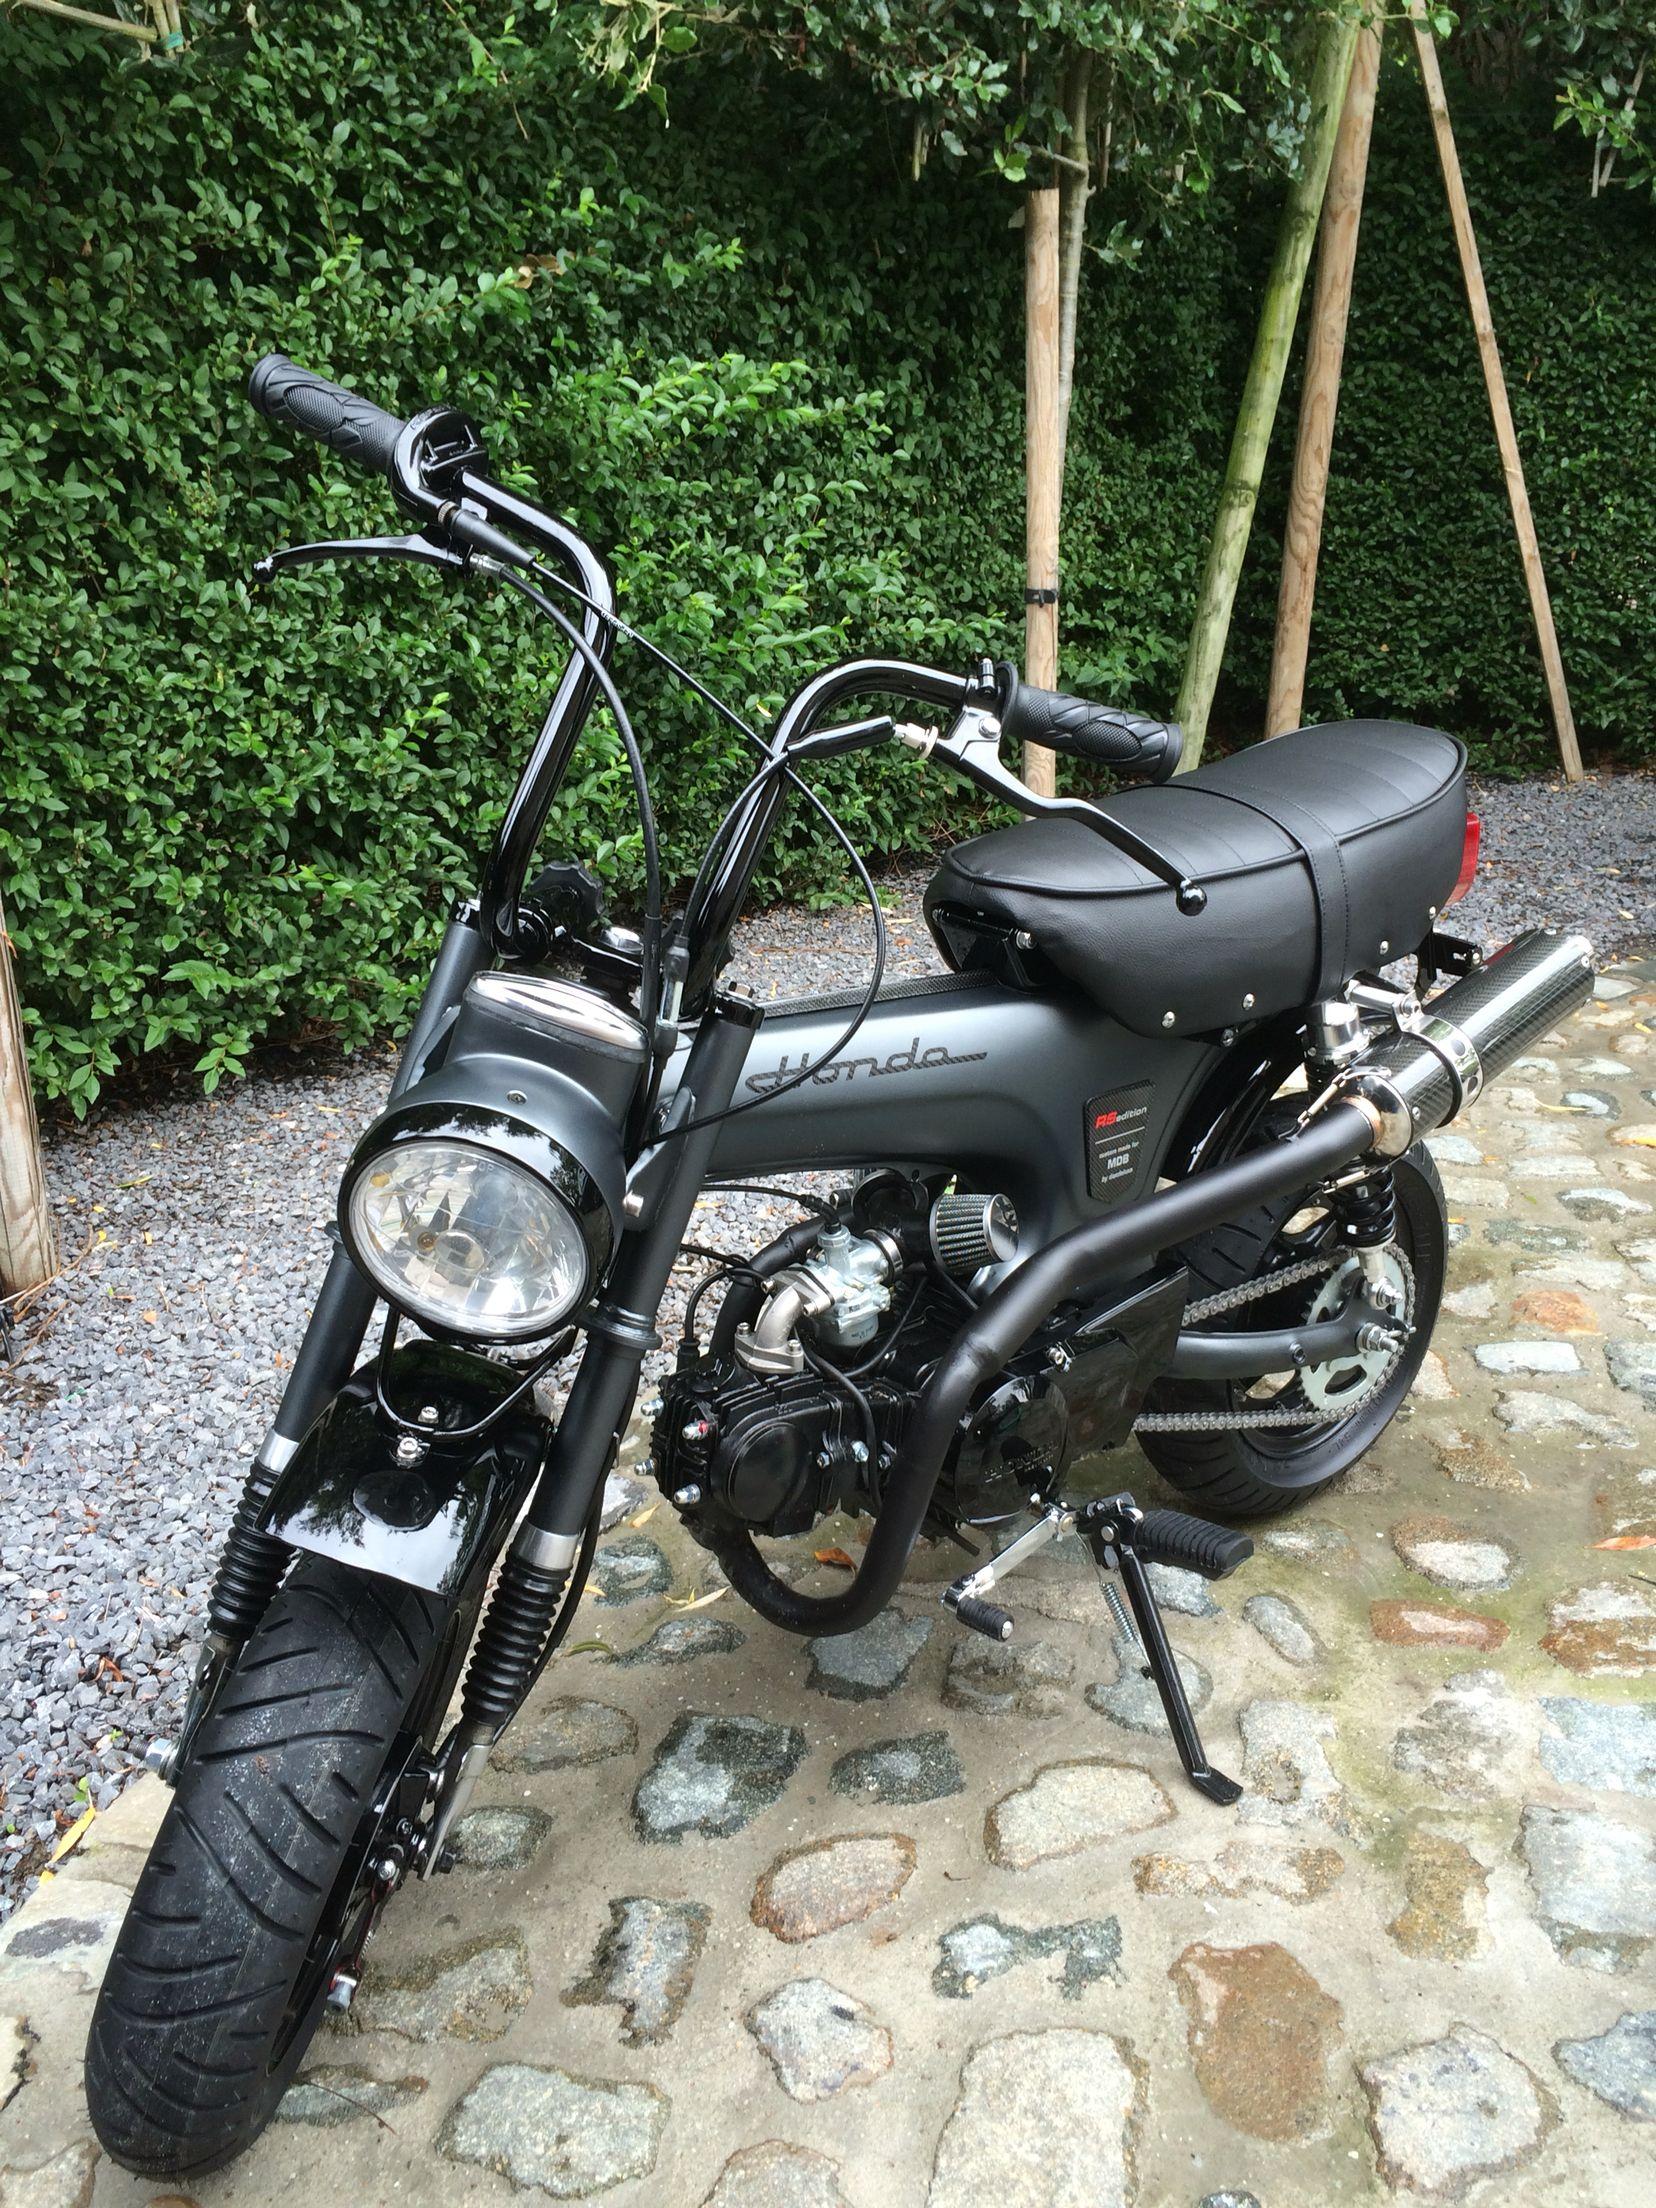 Dax Roblox Id Love It Dax Delux Motos Personalizadas Motocicletas Personalizadas Coches Y Motocicletas